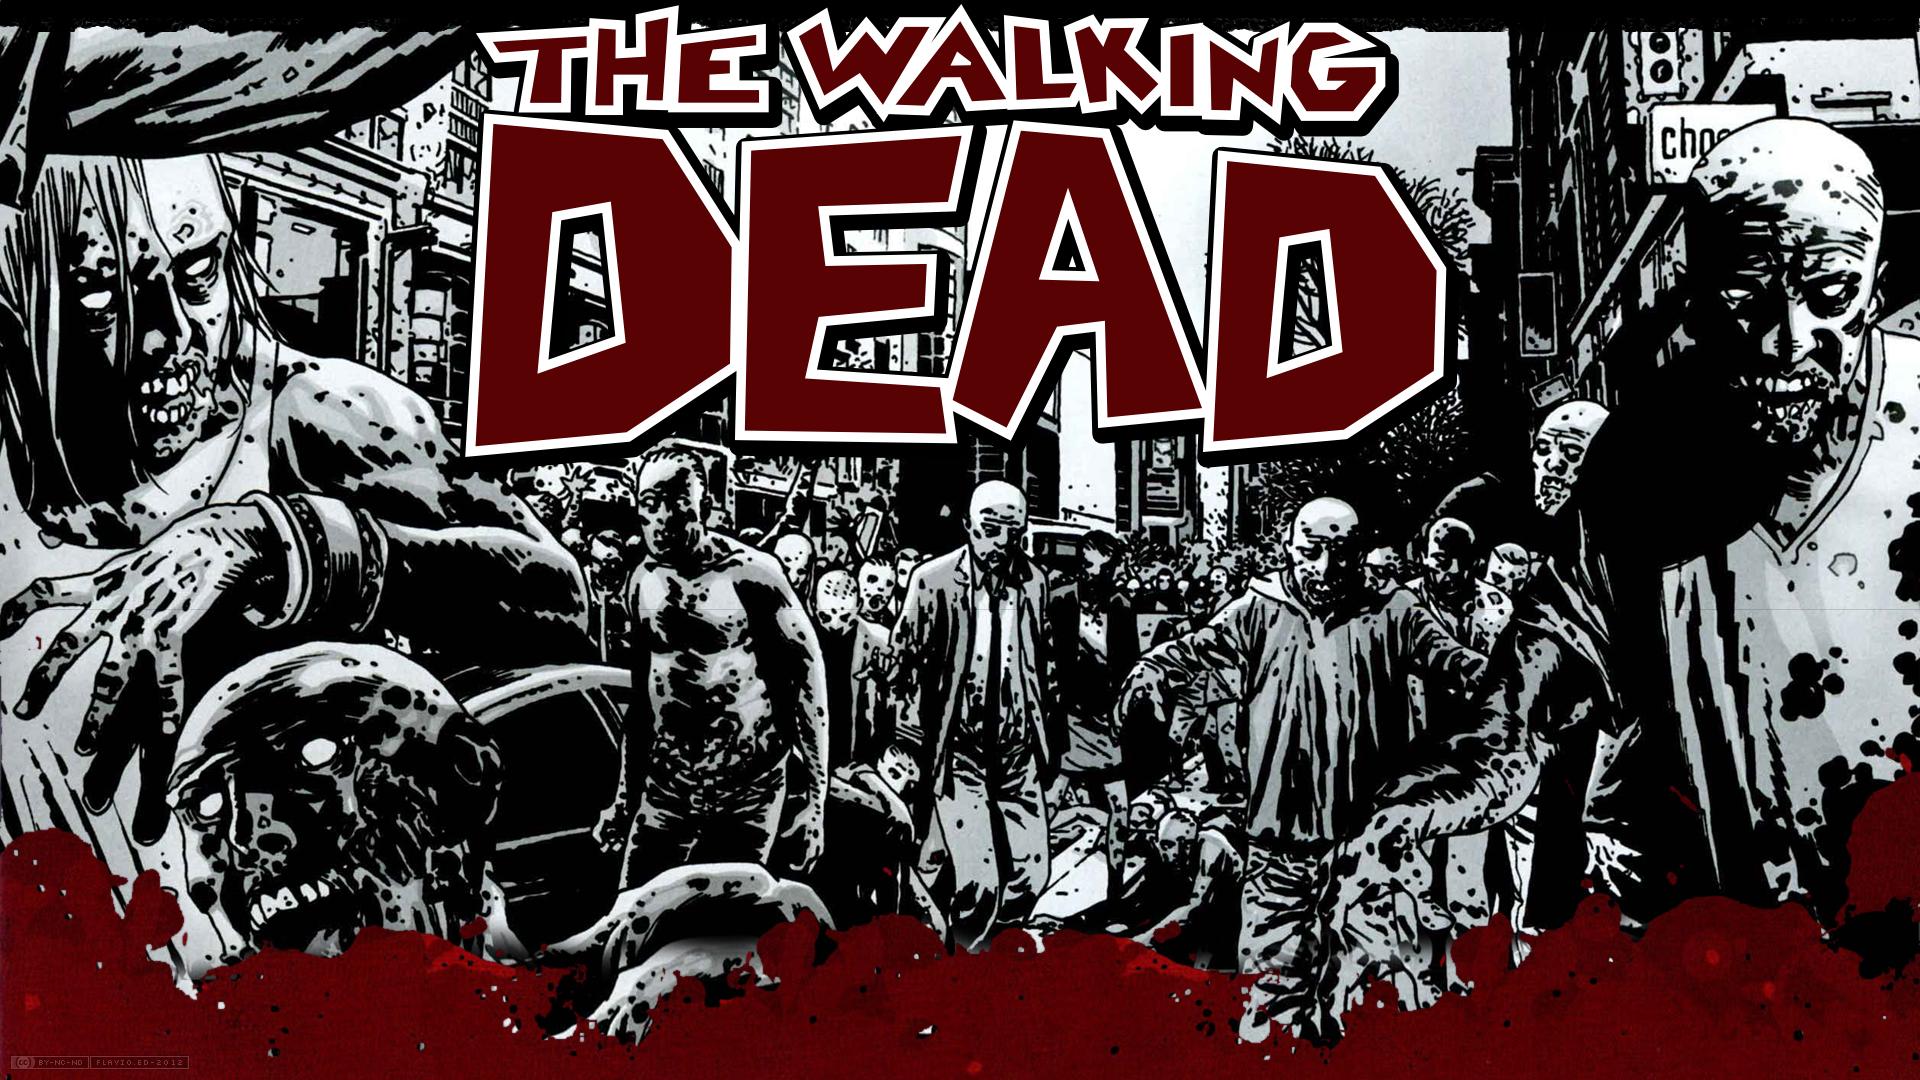 The Walking Dead 5 sarà influenzato dai fumetti